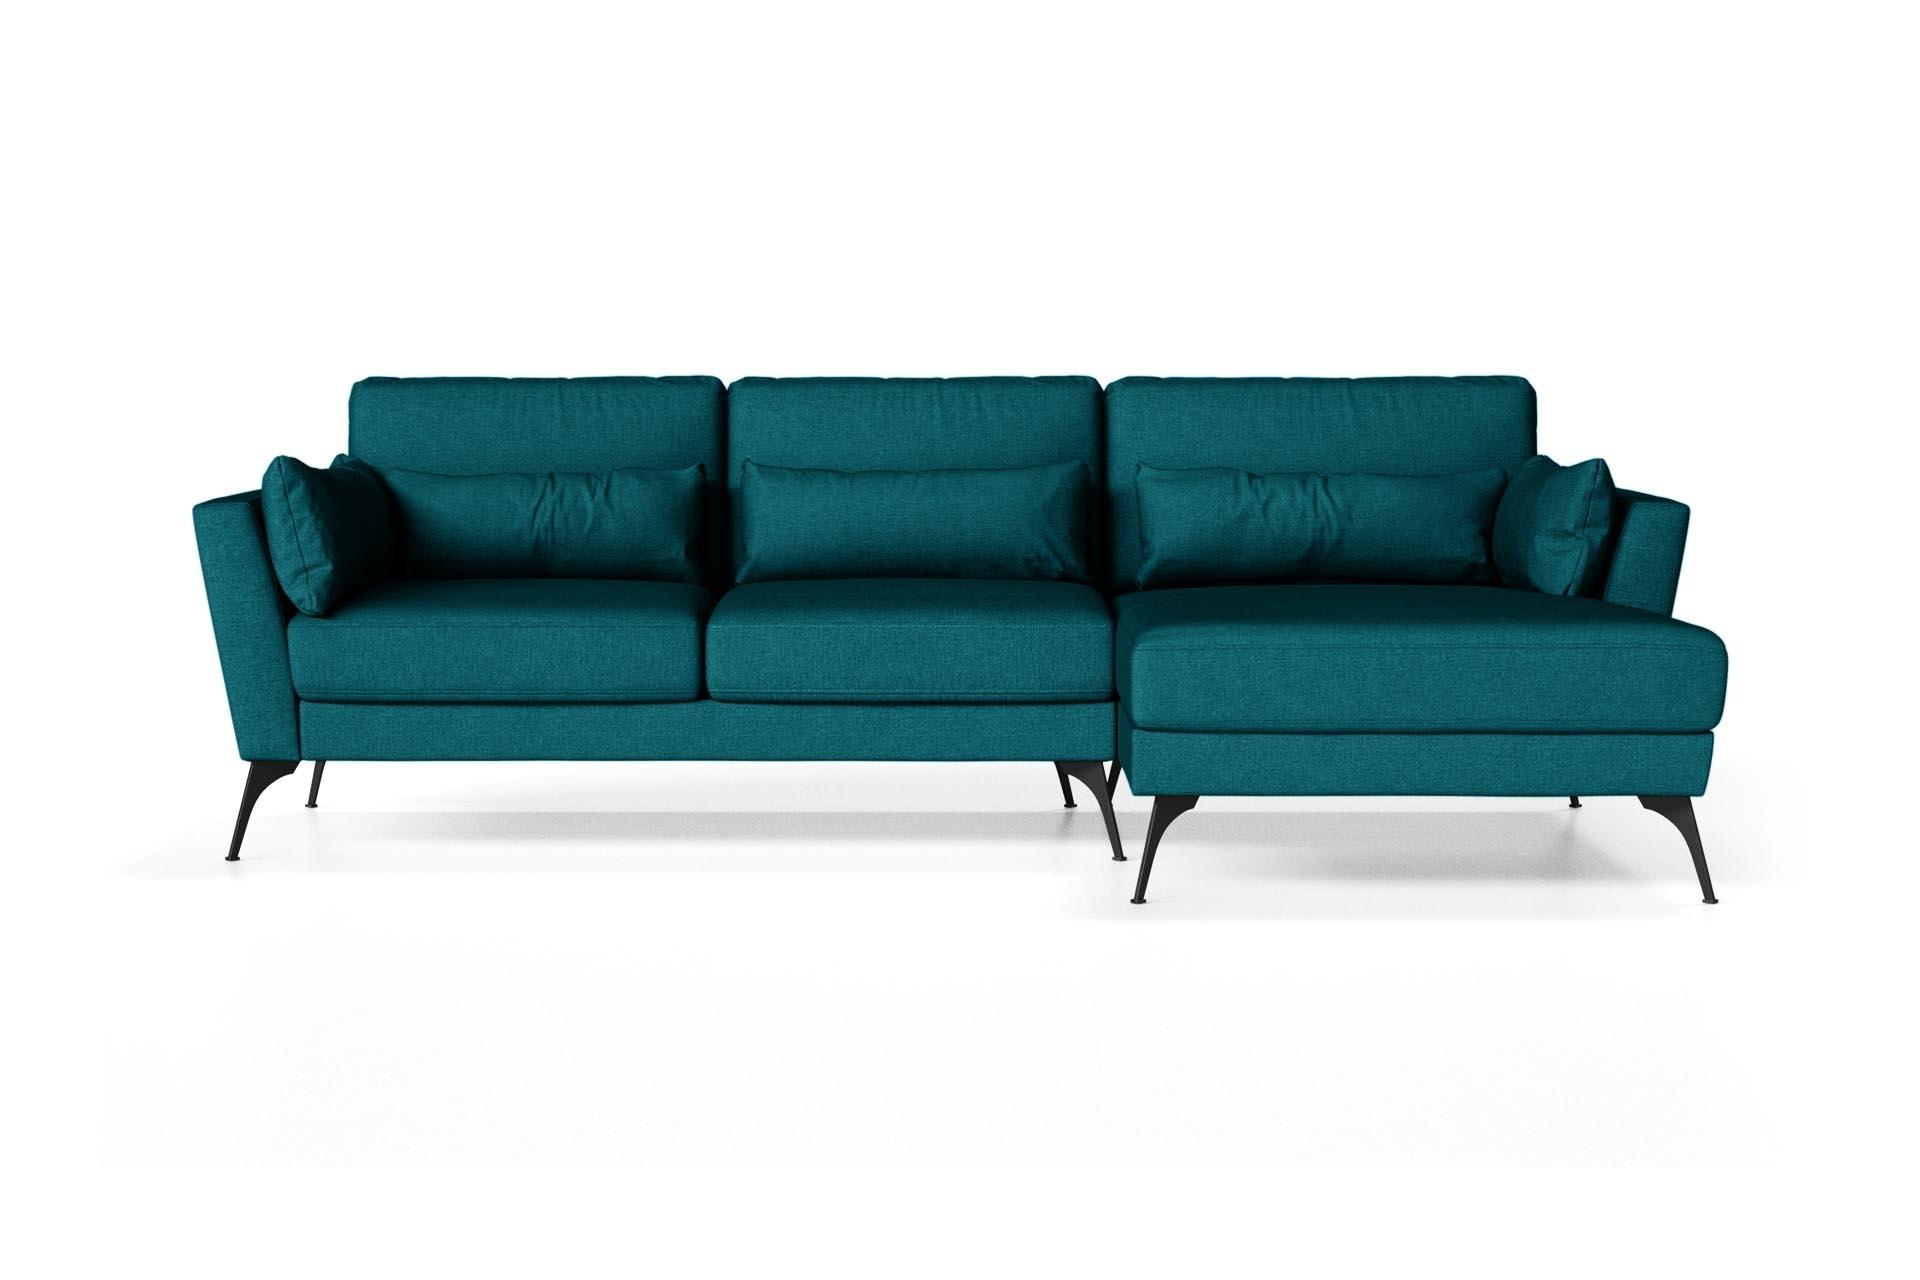 Canapé d'angle droit 4 places toucher lin turquoise